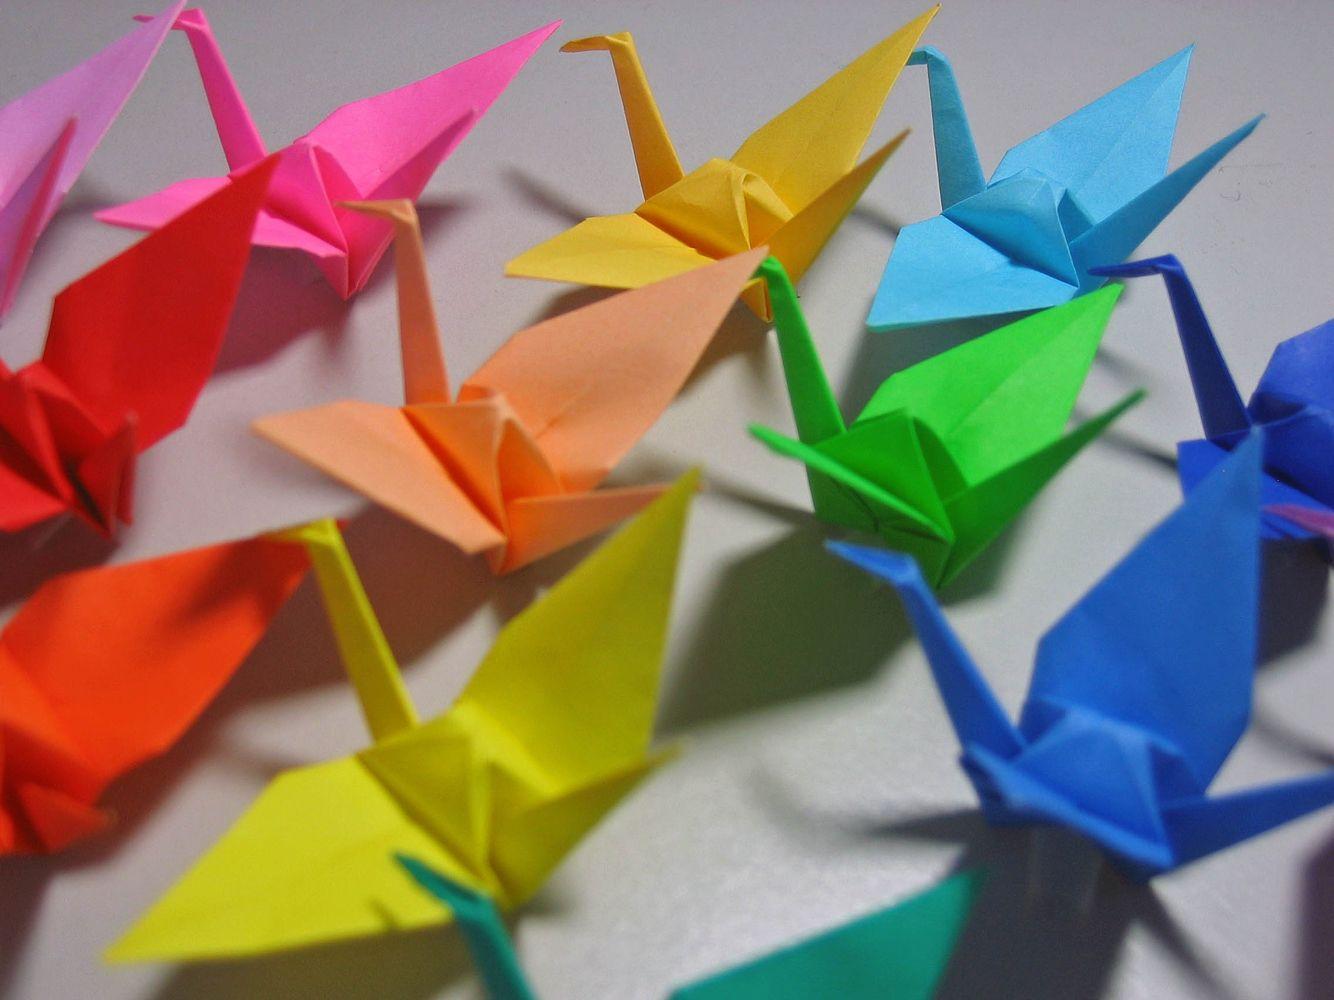 Participa en el taller 'Creatividad con papel: papiroflexia' en La Dehesa de Madrid, una actividad que pertenece al ciclo 'Reutilizando materiales'  Ven mañana a las 11h! Es Gratis y para niños de todas las edades!!!!  bit.ly/1SjwLmi